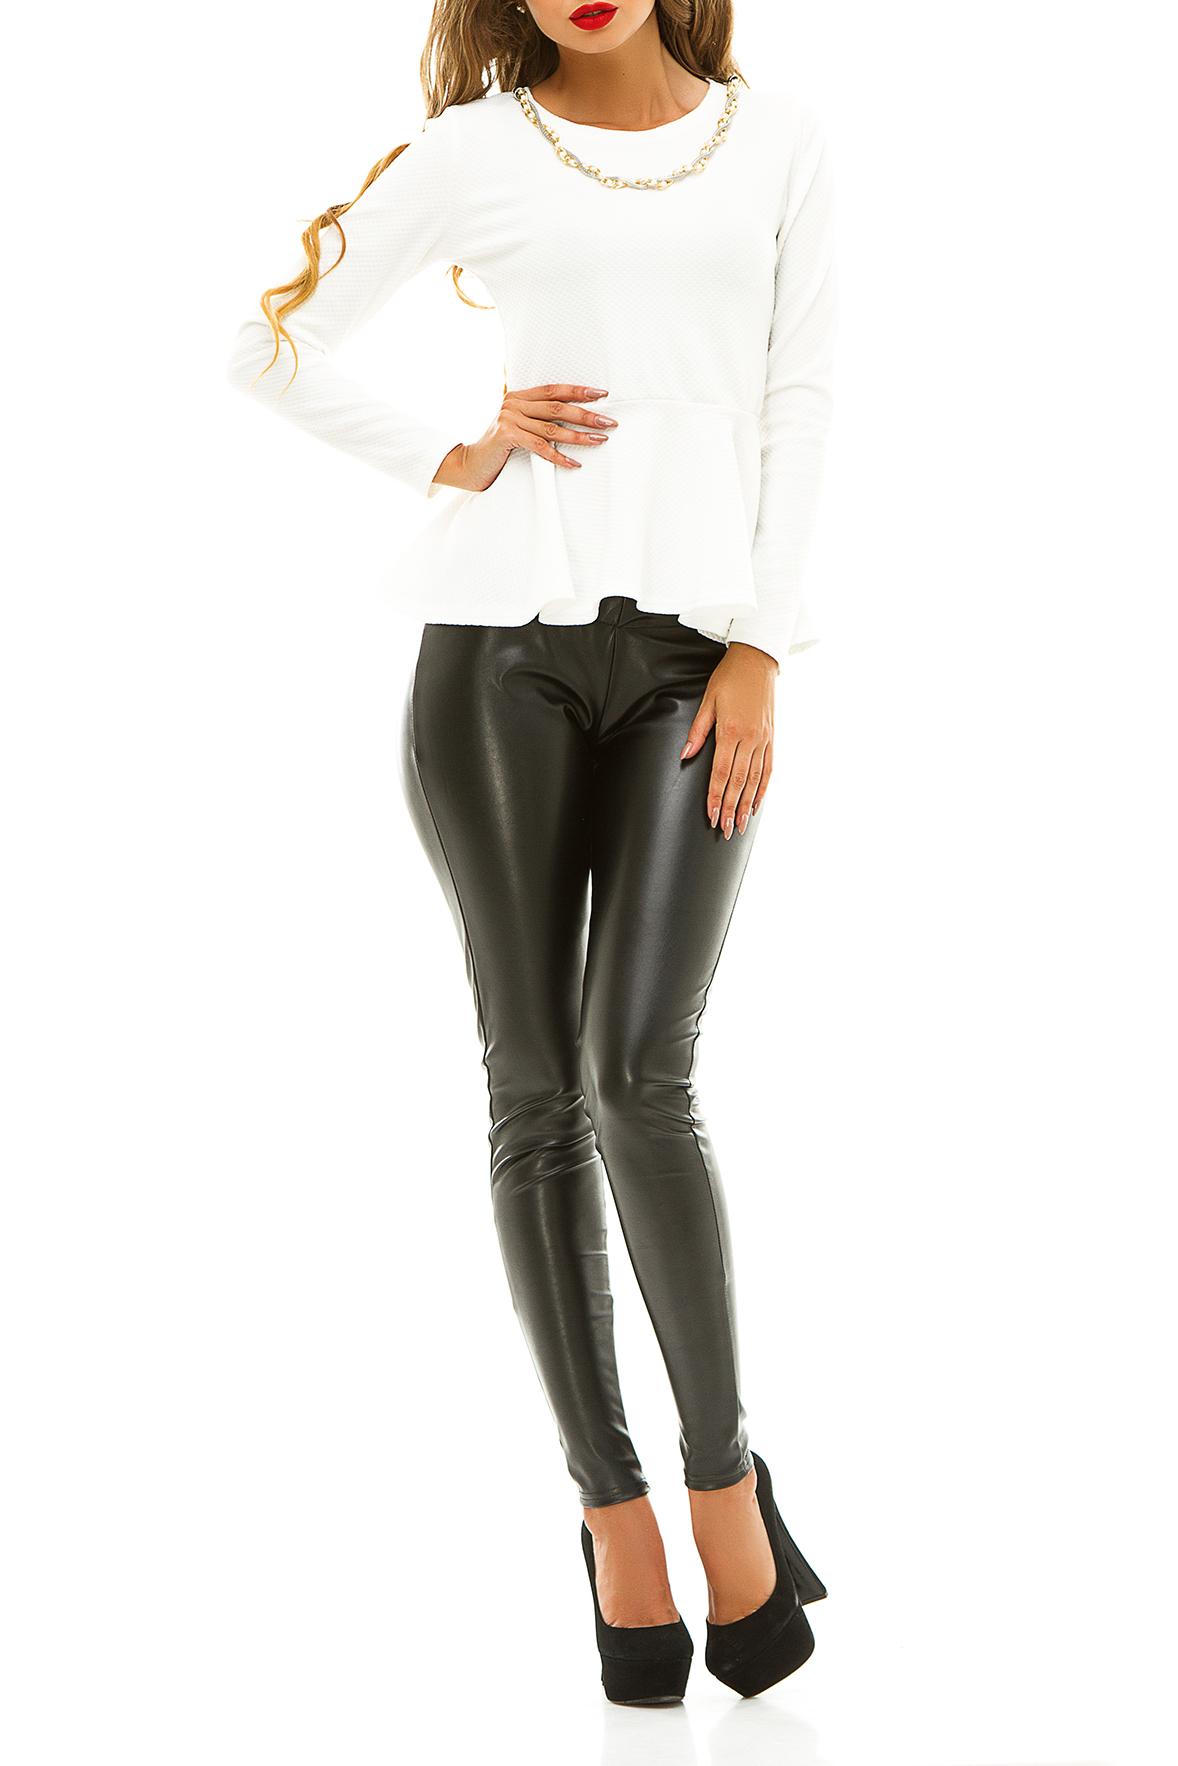 БлузкаБлузки<br>Выглядеть элегантно девушке поможет блузка с баской. Это изделие с длинным рукавом выполненно из практичной ткани. Она имеет простой и минималистичный дизайн. Неглубокий круглый вырез оформлен бусами, придающими кофте тождественность. Если вы подбираете наряд для офиса, эта модель сможет разнообразить скучный деловой образ. Расширяющаяся к низу баска скроет лишние сантиметры при необходимости.  Цвет: белый.  Ростовка изделия 170 см.<br><br>Горловина: С- горловина<br>По материалу: Трикотаж<br>По рисунку: Однотонные,Фактурный рисунок<br>По сезону: Зима,Осень,Весна<br>По силуэту: Полуприталенные<br>По стилю: Классический стиль,Кэжуал,Молодежный стиль,Офисный стиль,Повседневный стиль,Романтический стиль<br>По элементам: С баской,С декором,С отделочной фурнитурой,С фигурным низом<br>Рукав: Длинный рукав<br>Размер : 42-44,44-46<br>Материал: Трикотаж<br>Количество в наличии: 2